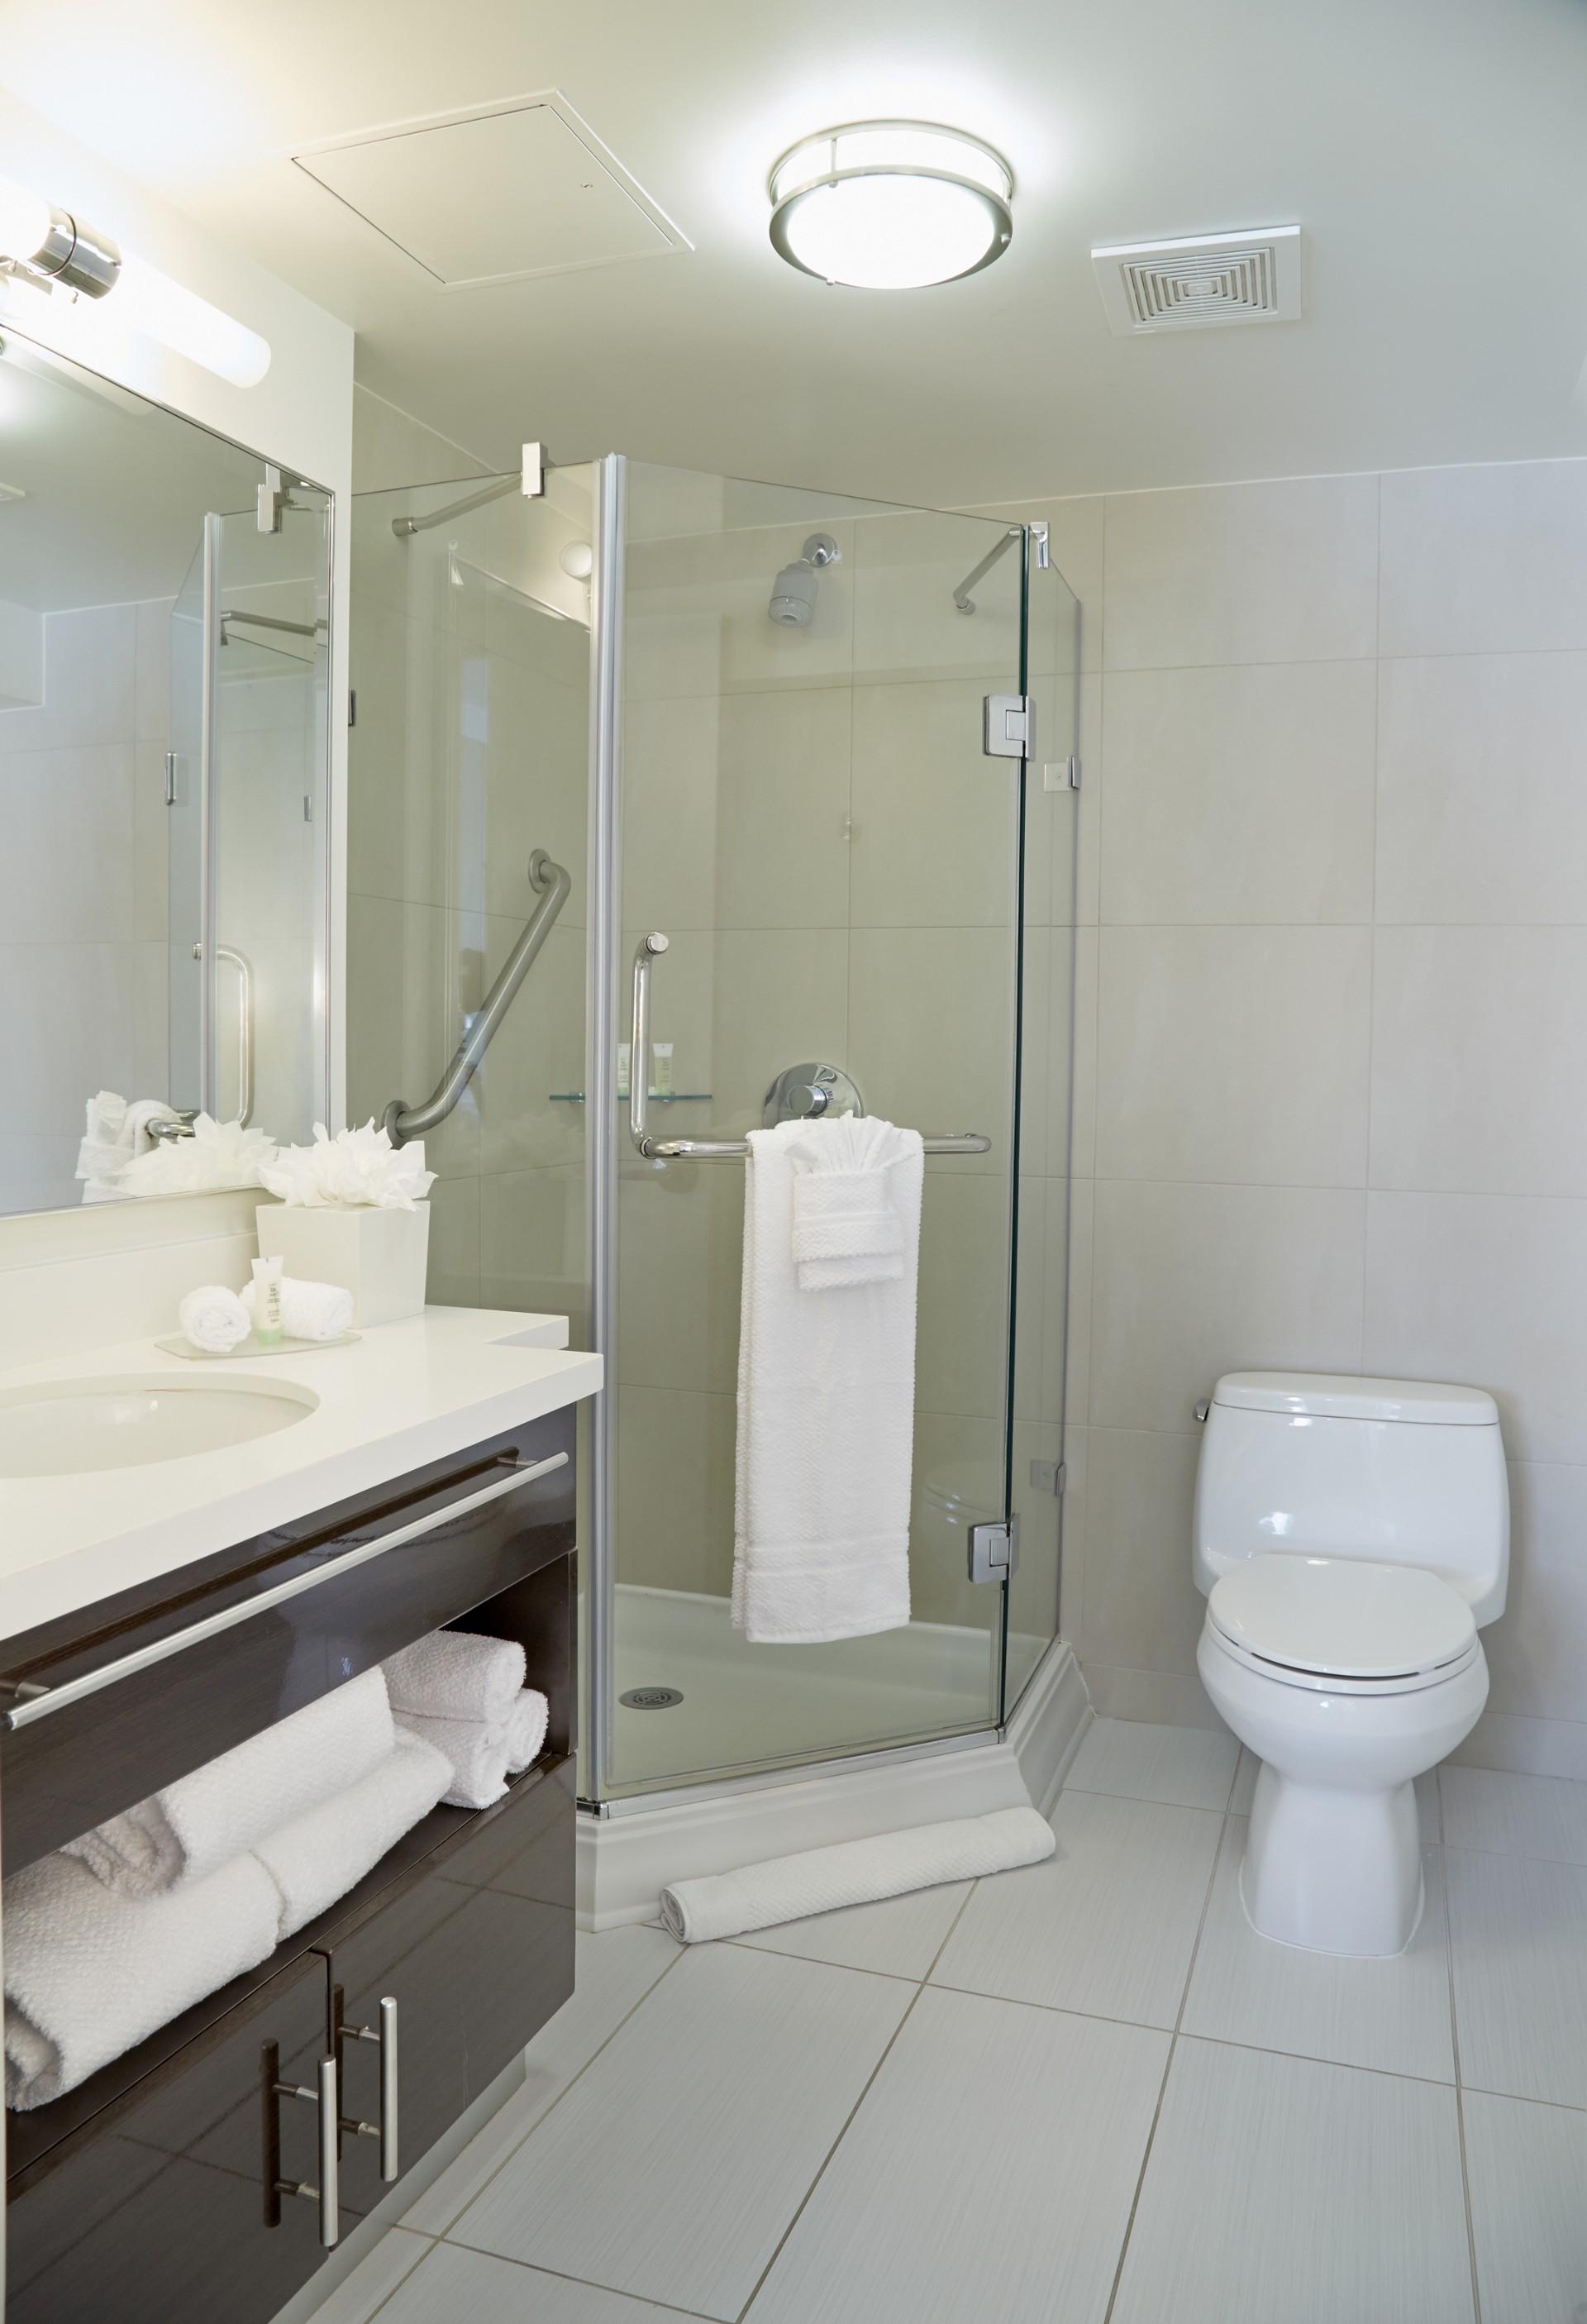 staybridge suites times square new. Black Bedroom Furniture Sets. Home Design Ideas